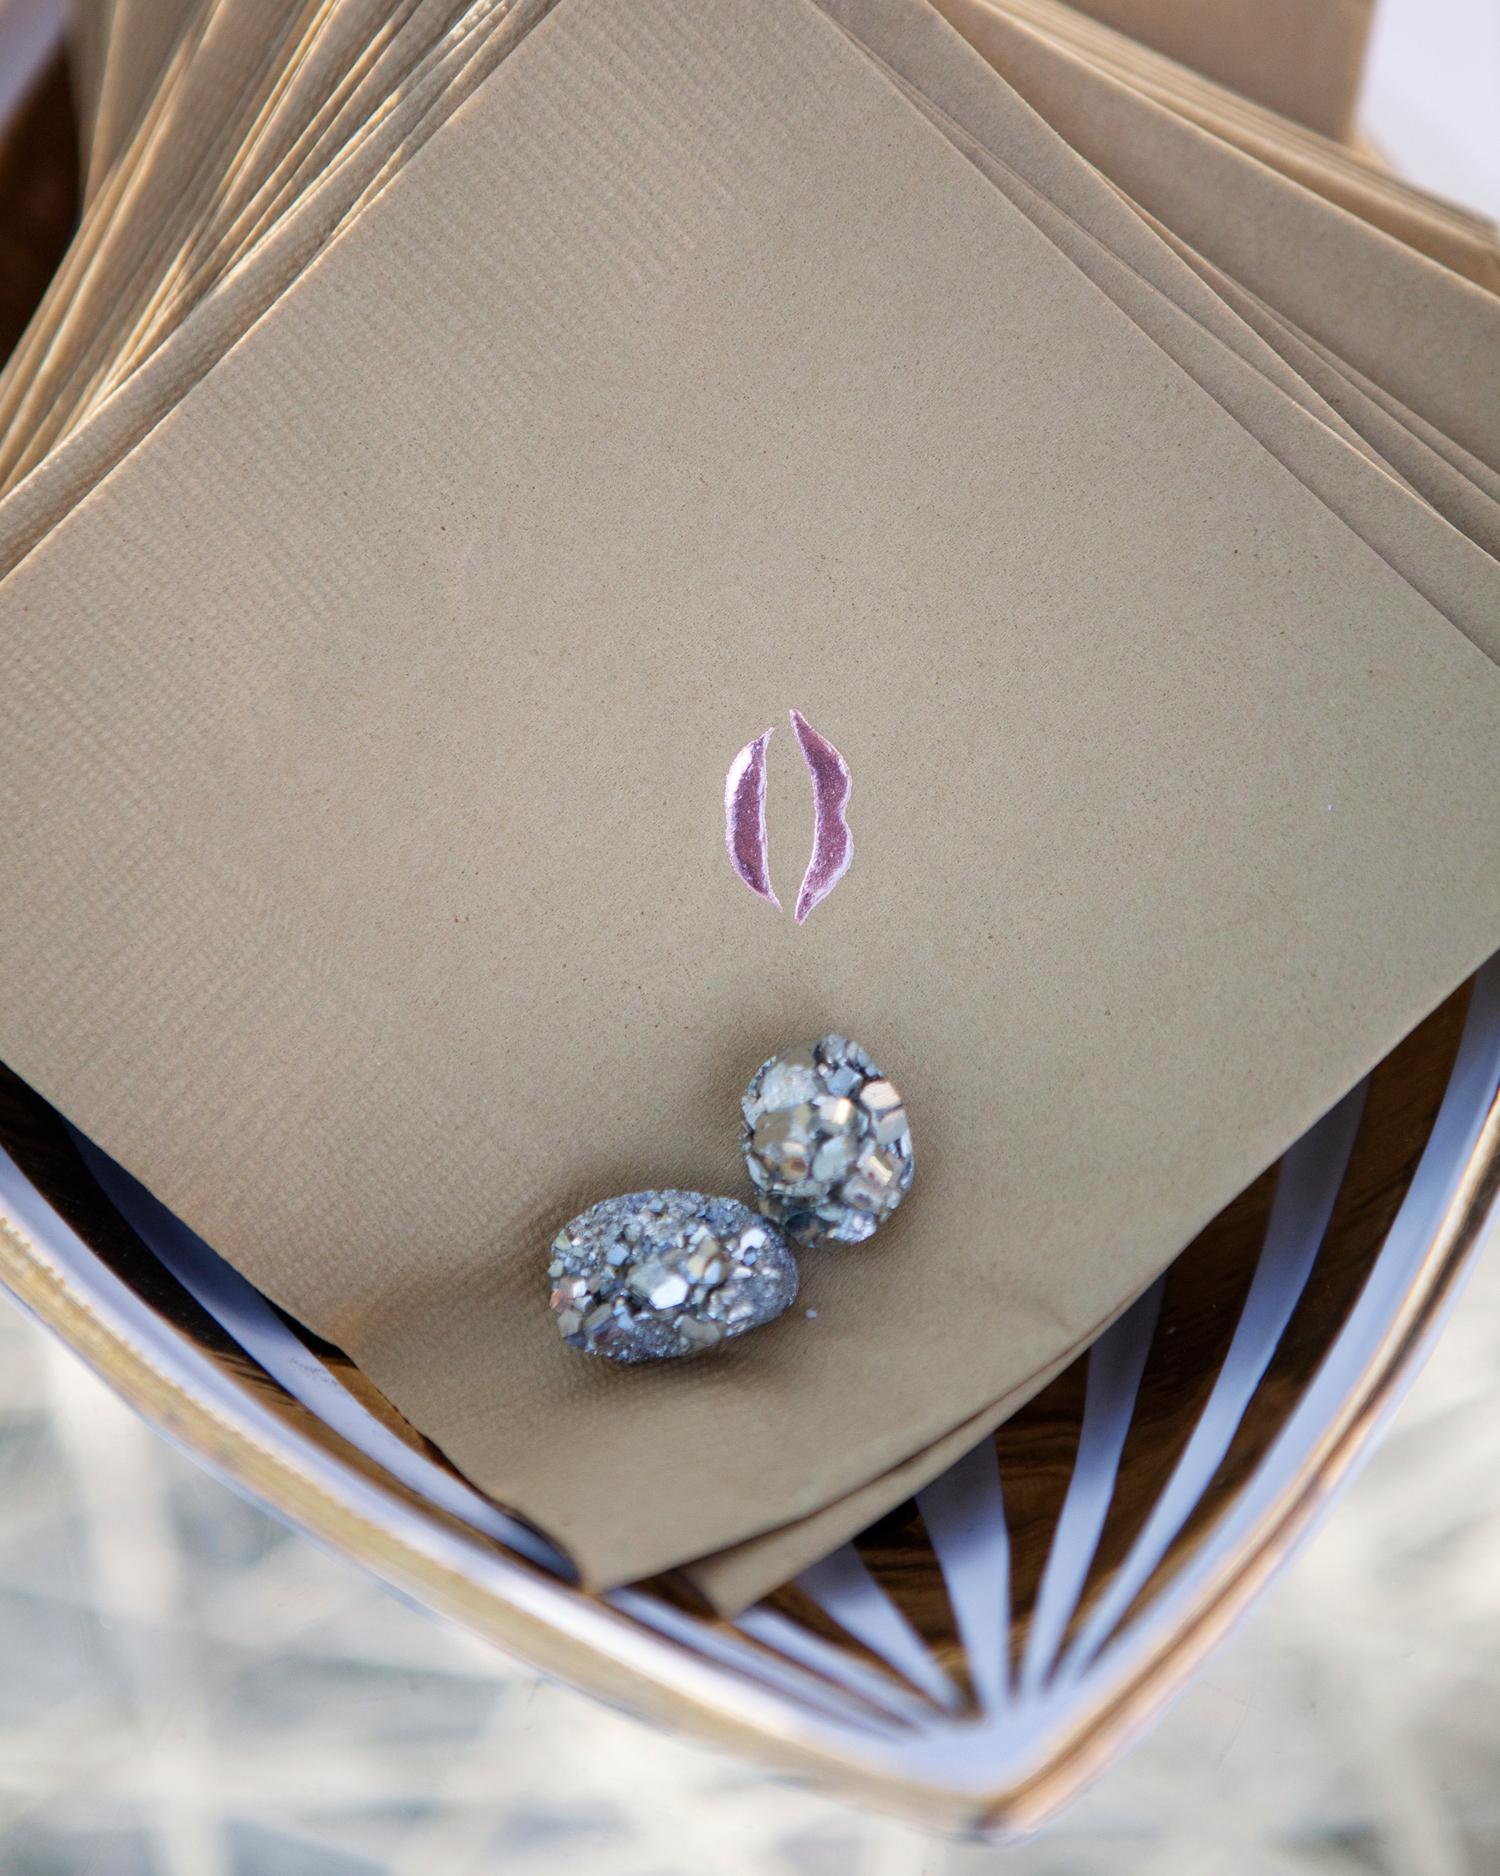 edyta-jared-wedding-0221-d110939.jpg